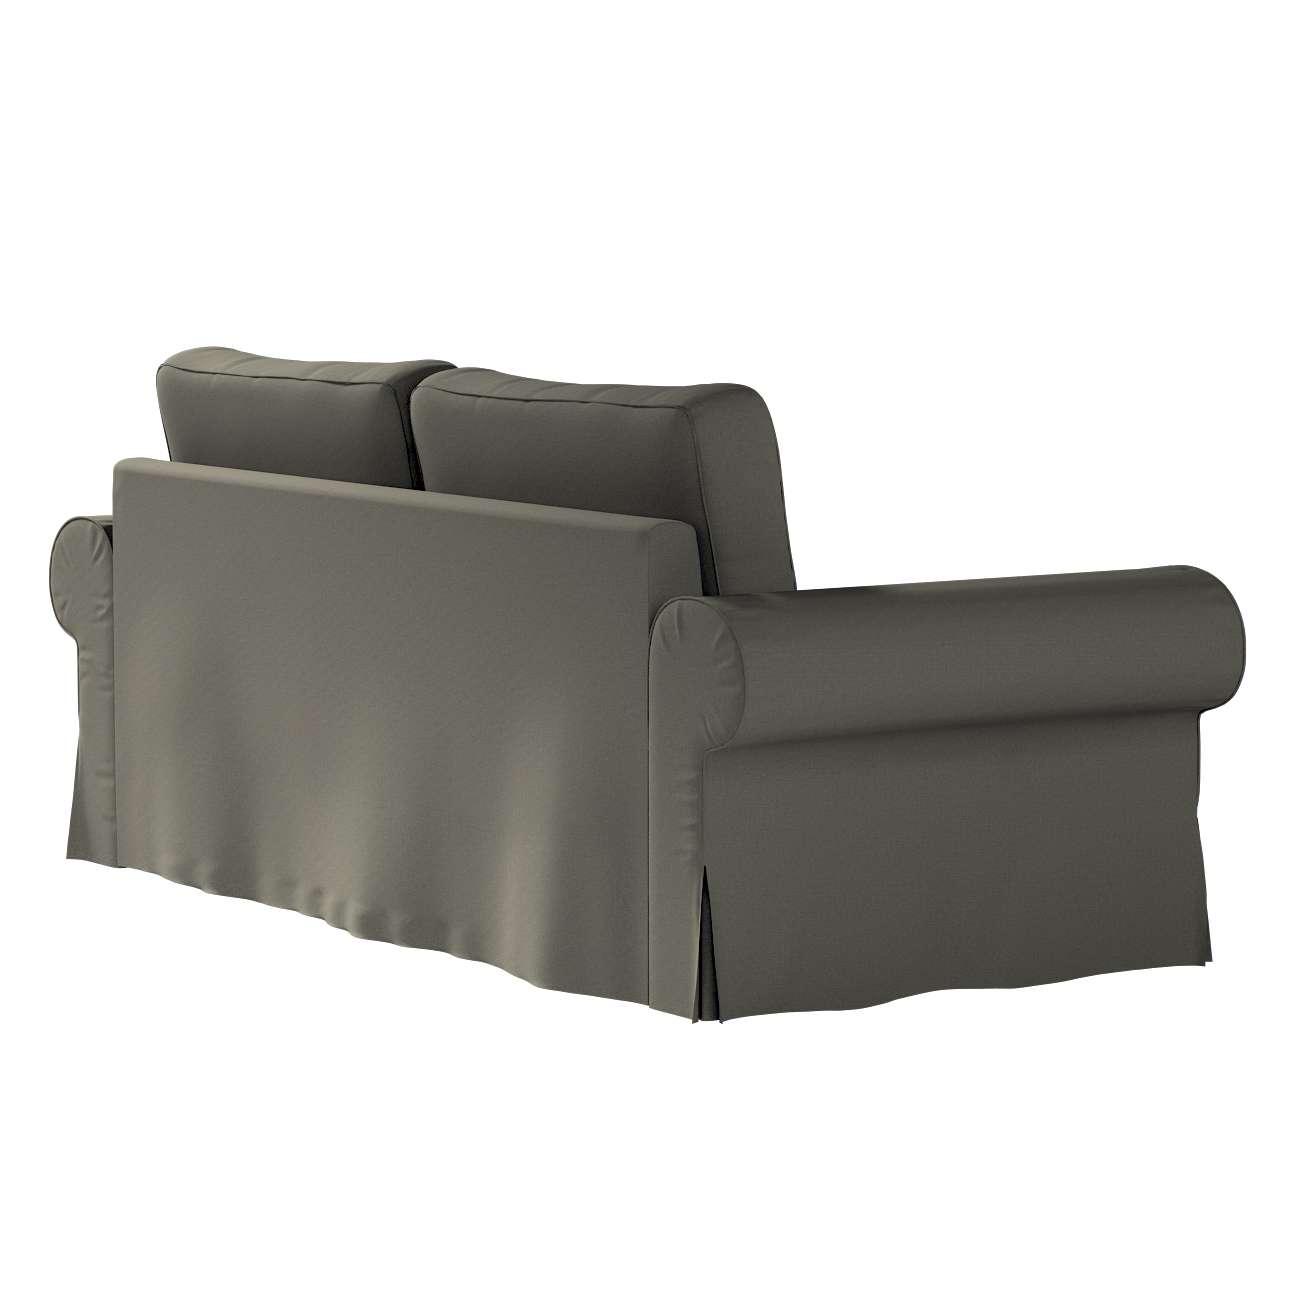 Bezug für Backabro 3-Sitzer Sofa ausklappbar von der Kollektion Living, Stoff: 161-55